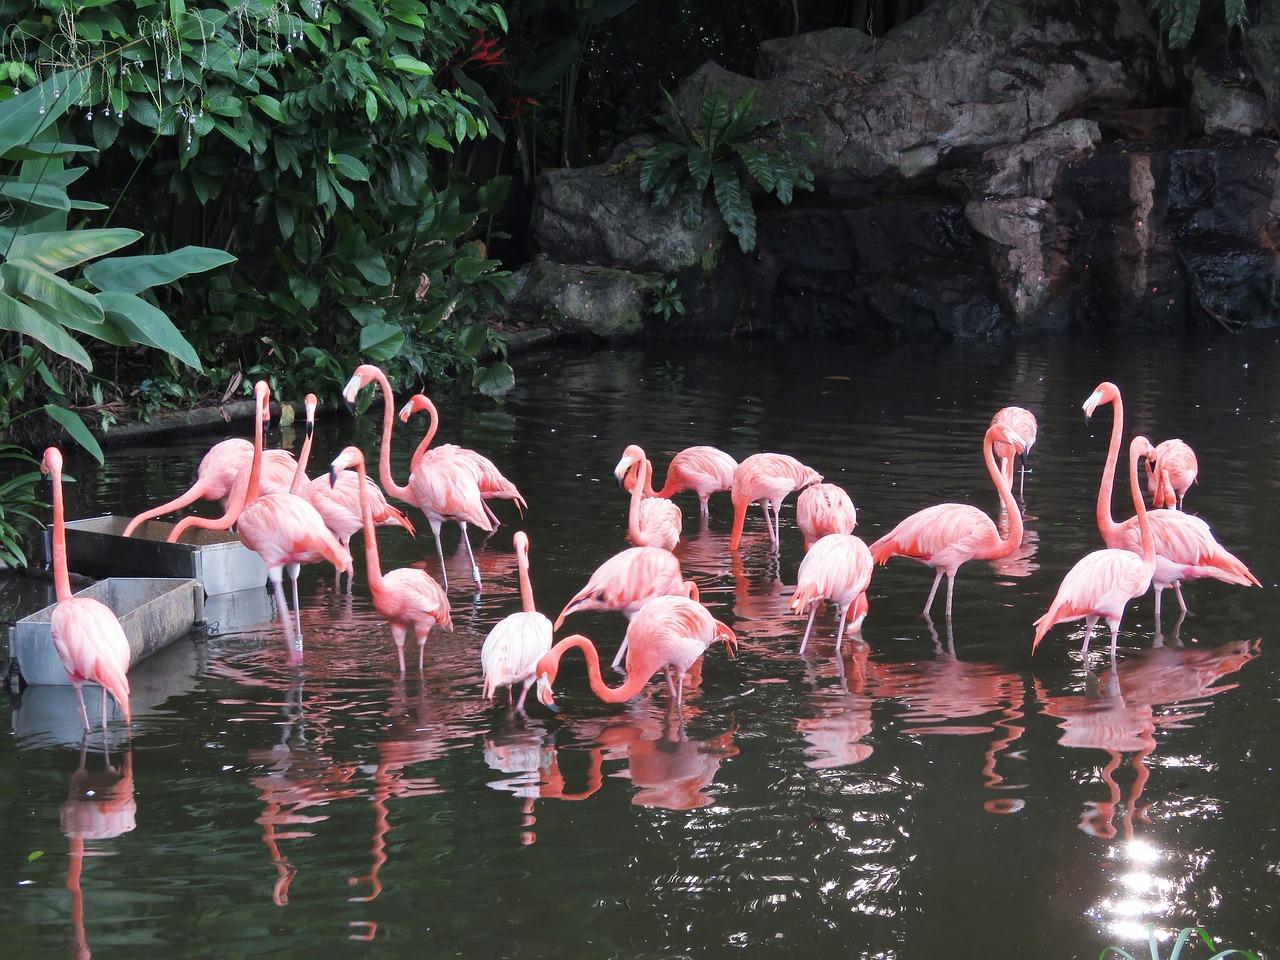 flamingo-water-birds-exotic-birds-2460461